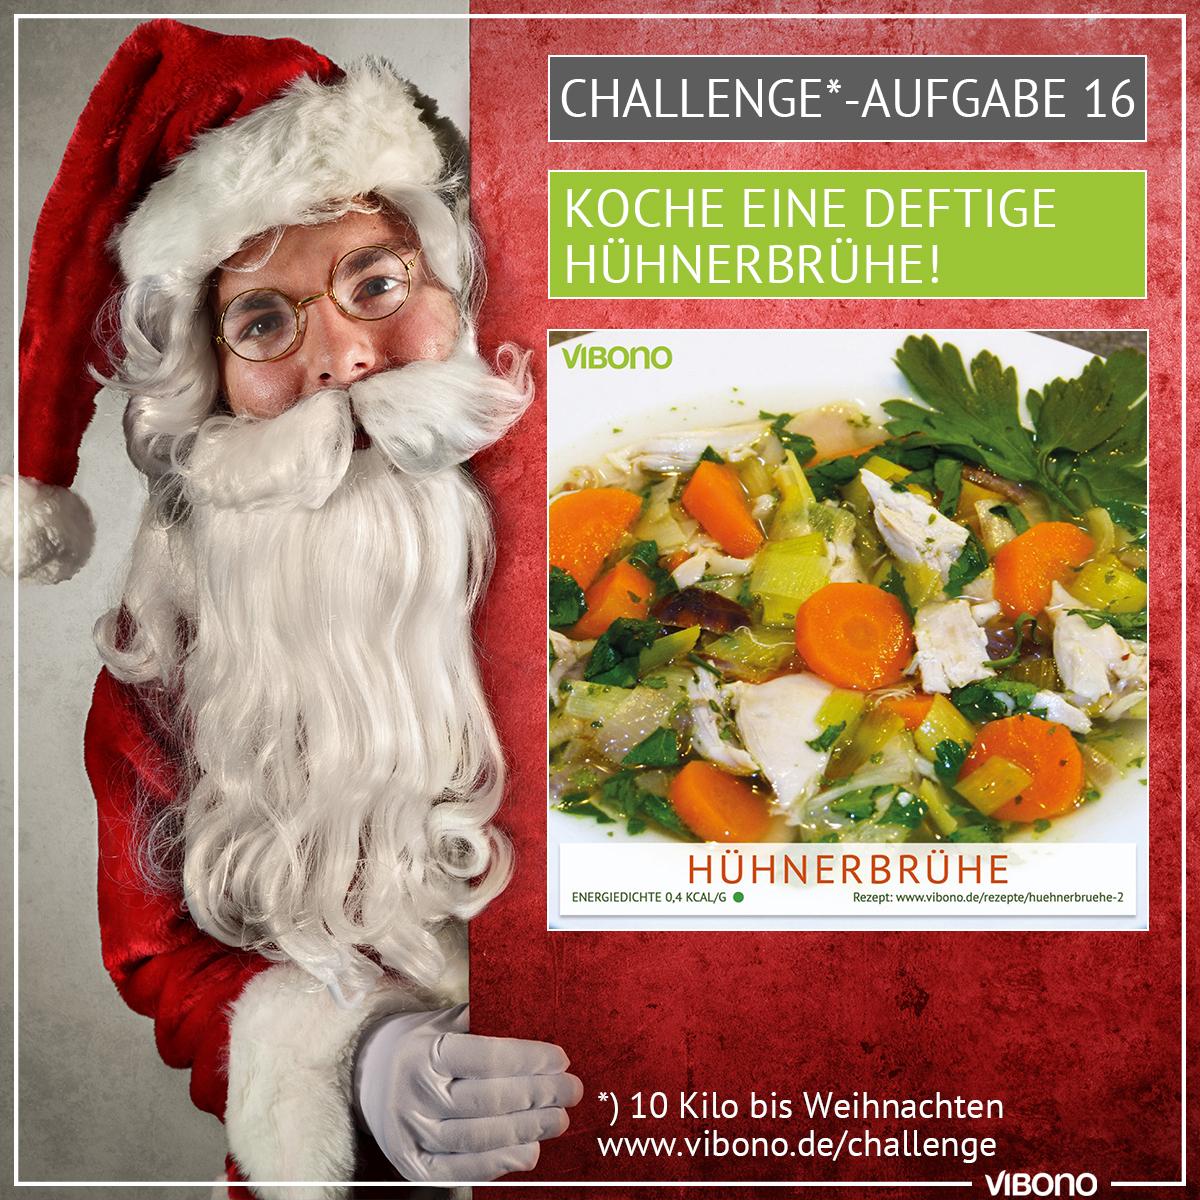 Challenge-Aufgabe 16: Hühnerbrühe kochen